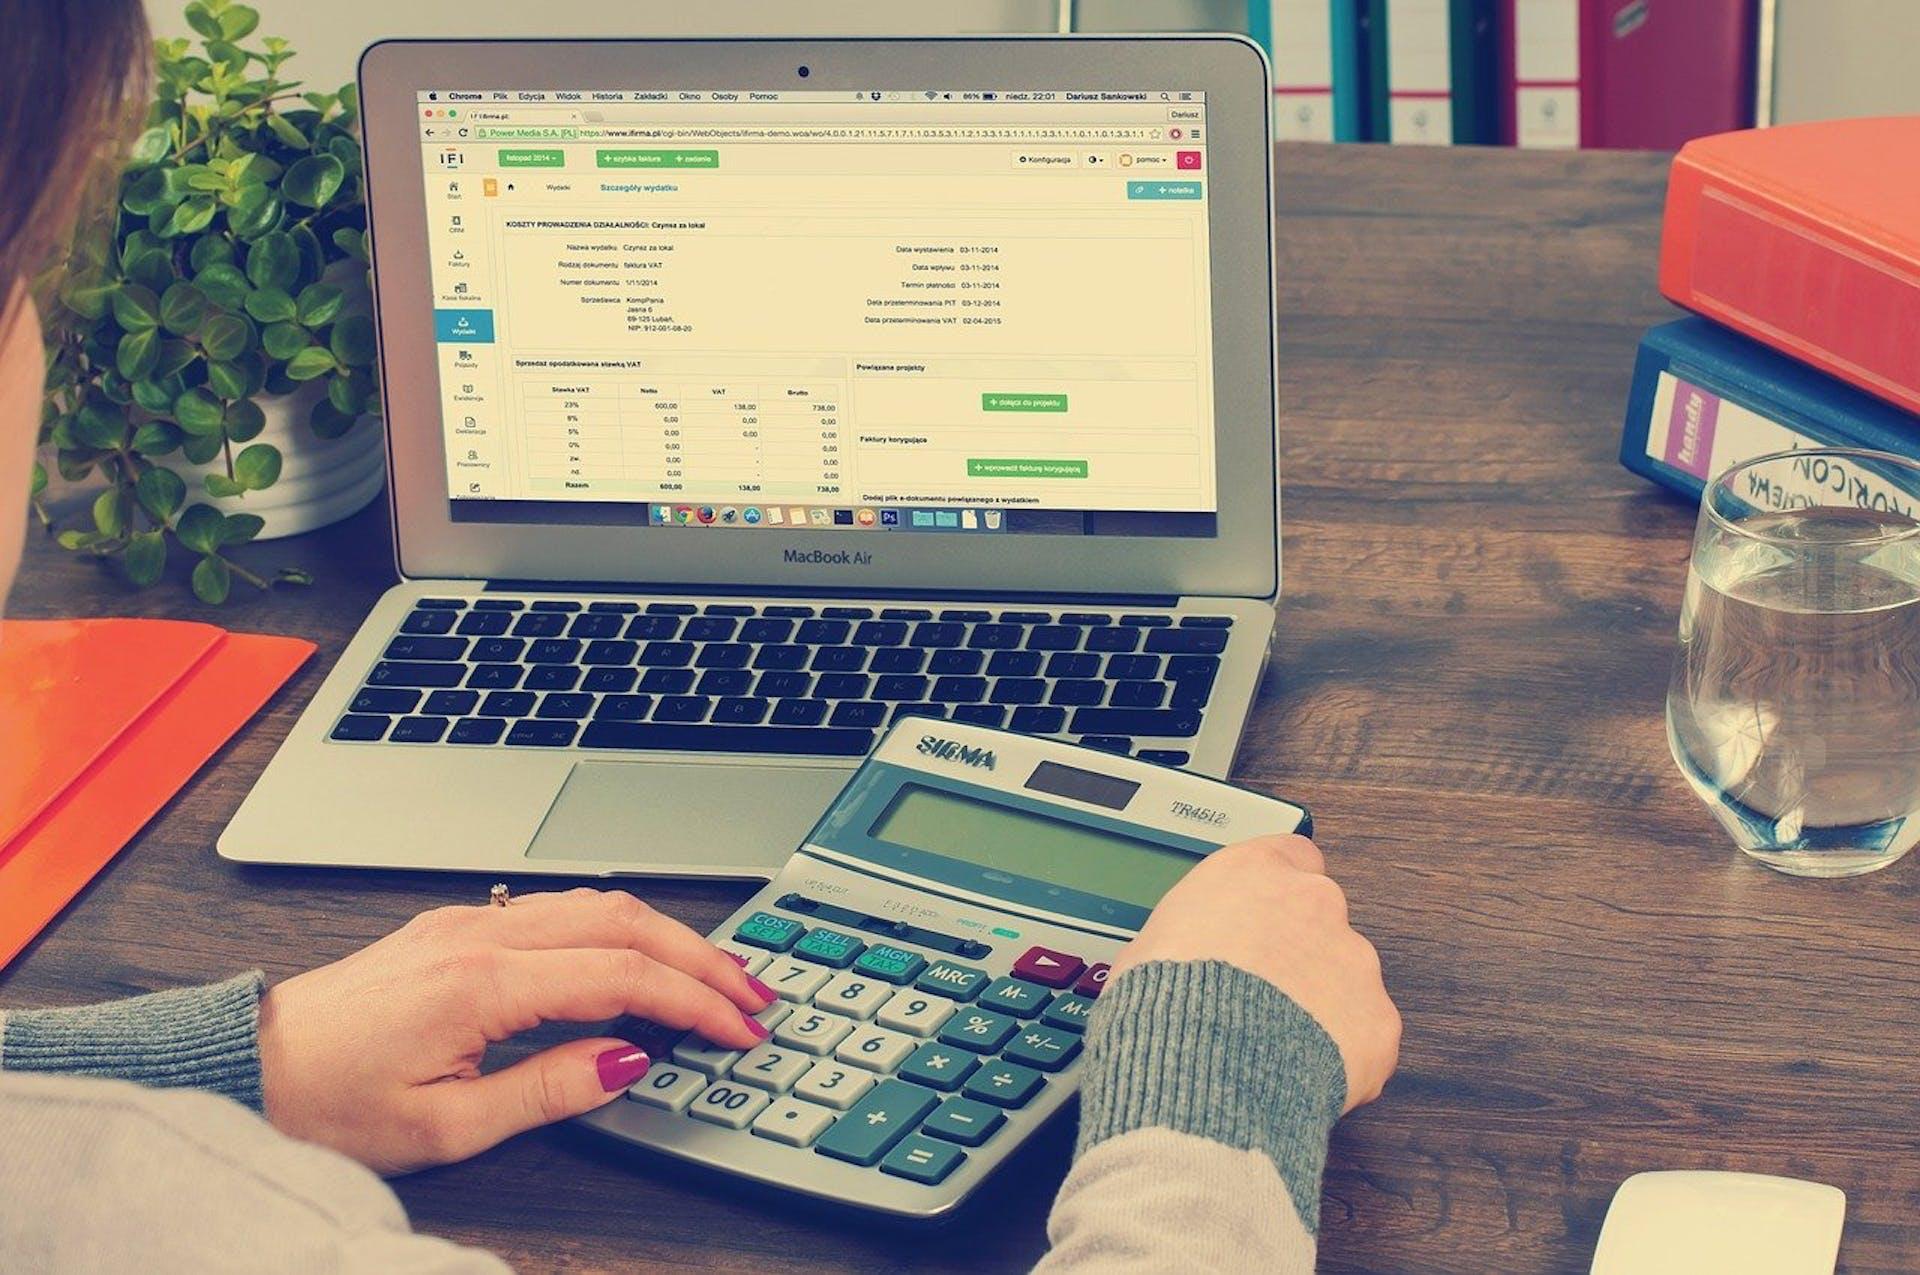 ¿Cómo llevar la contabilidad de un negocio? tips para triunfar